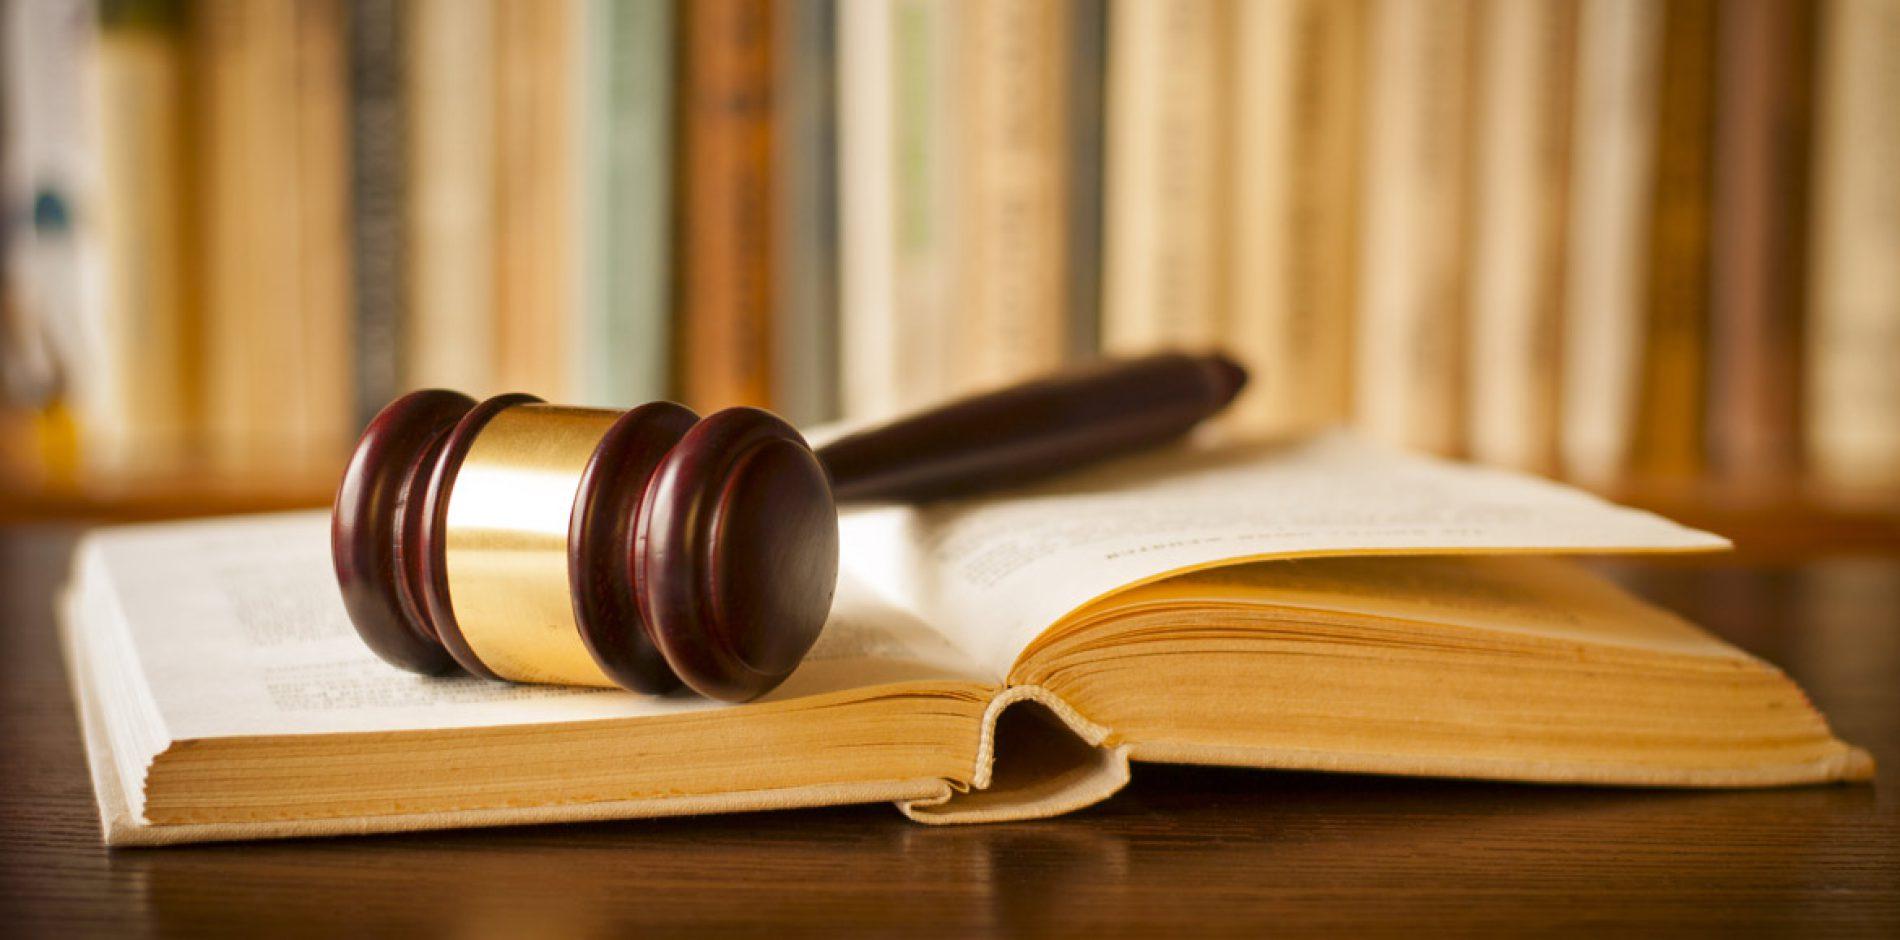 Licenziamento collettivo illegittimo per un disabile [Cassazione]